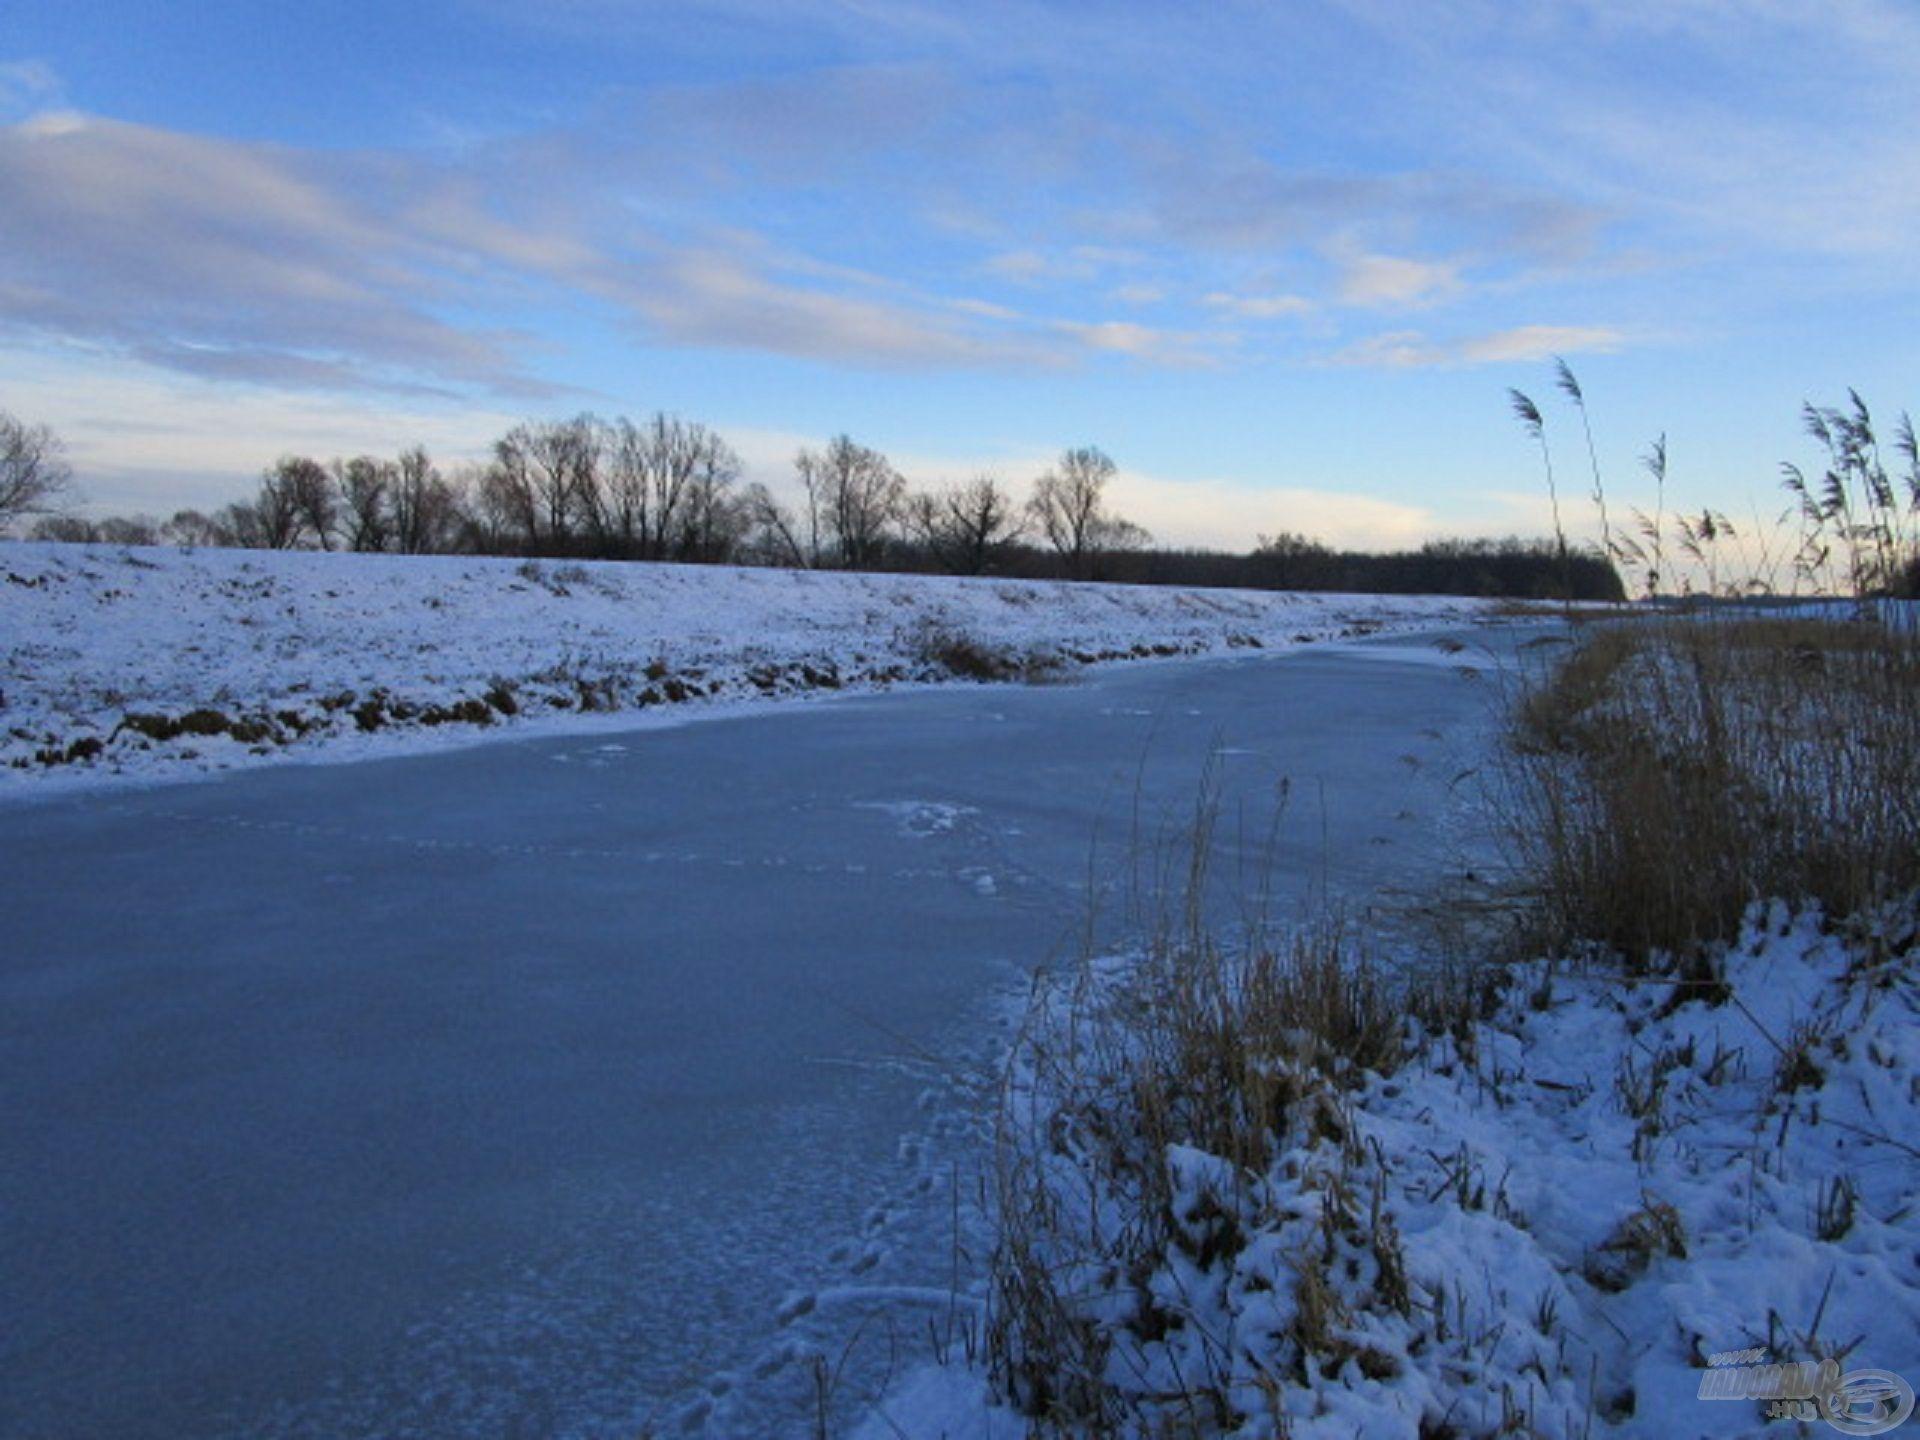 Az igazán hideg időszakban még a folyó alsó szakasza is befagy